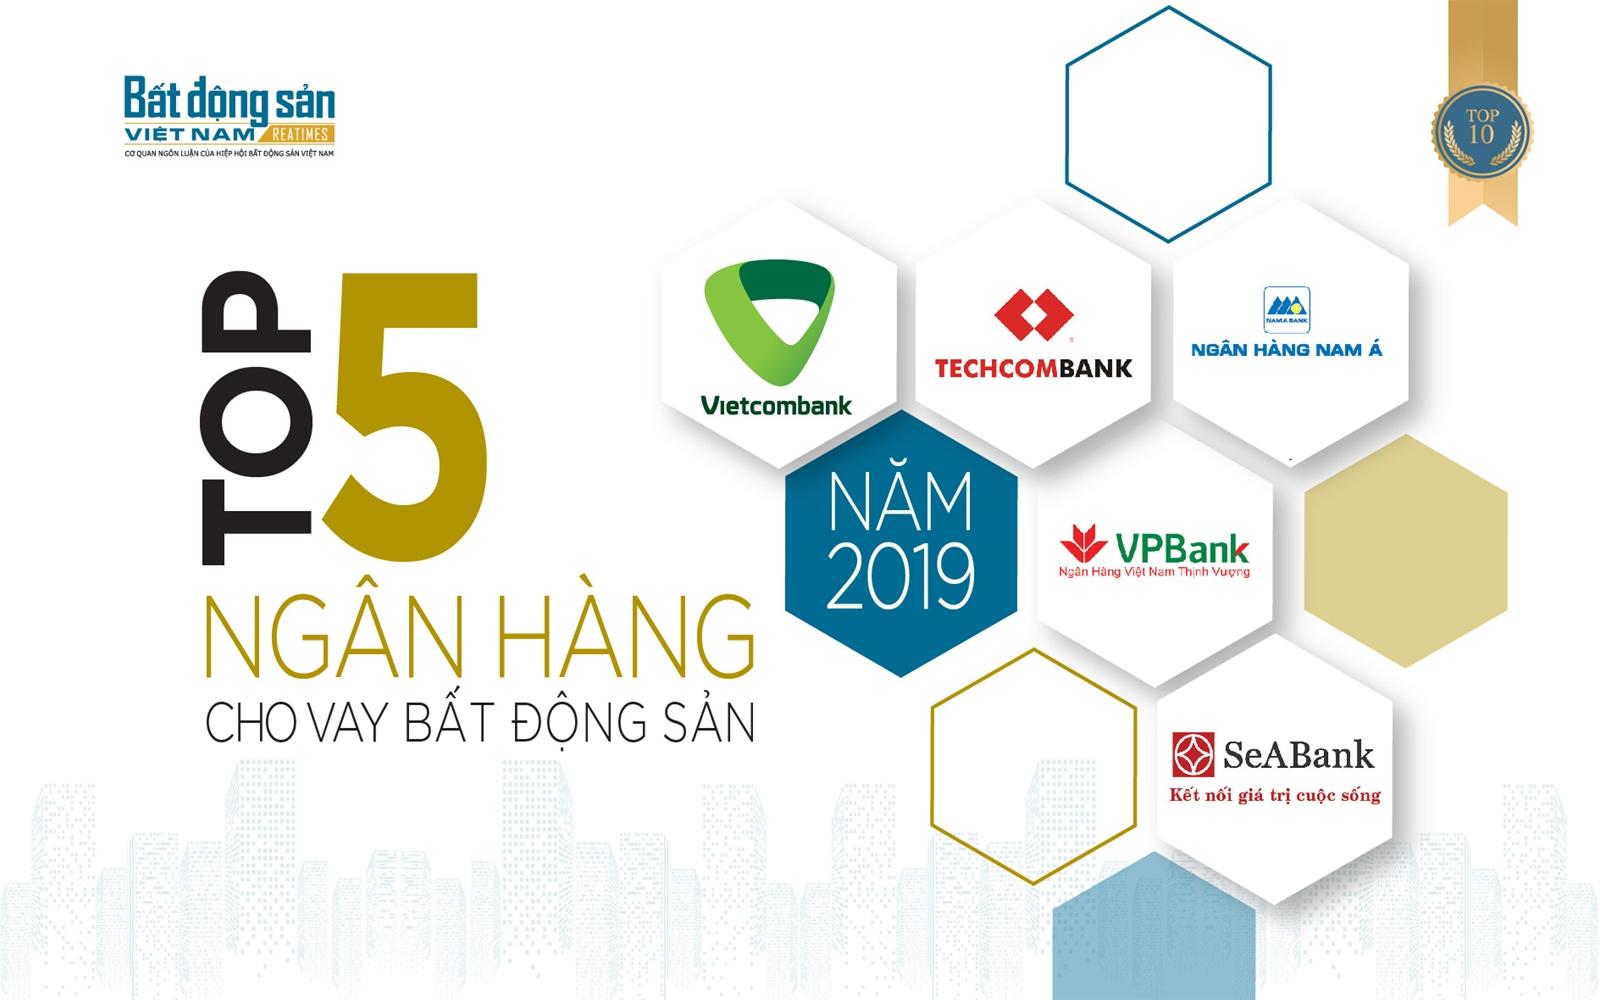 Top 5 ngân hàng cho vay bất động sản tốt nhất 2019